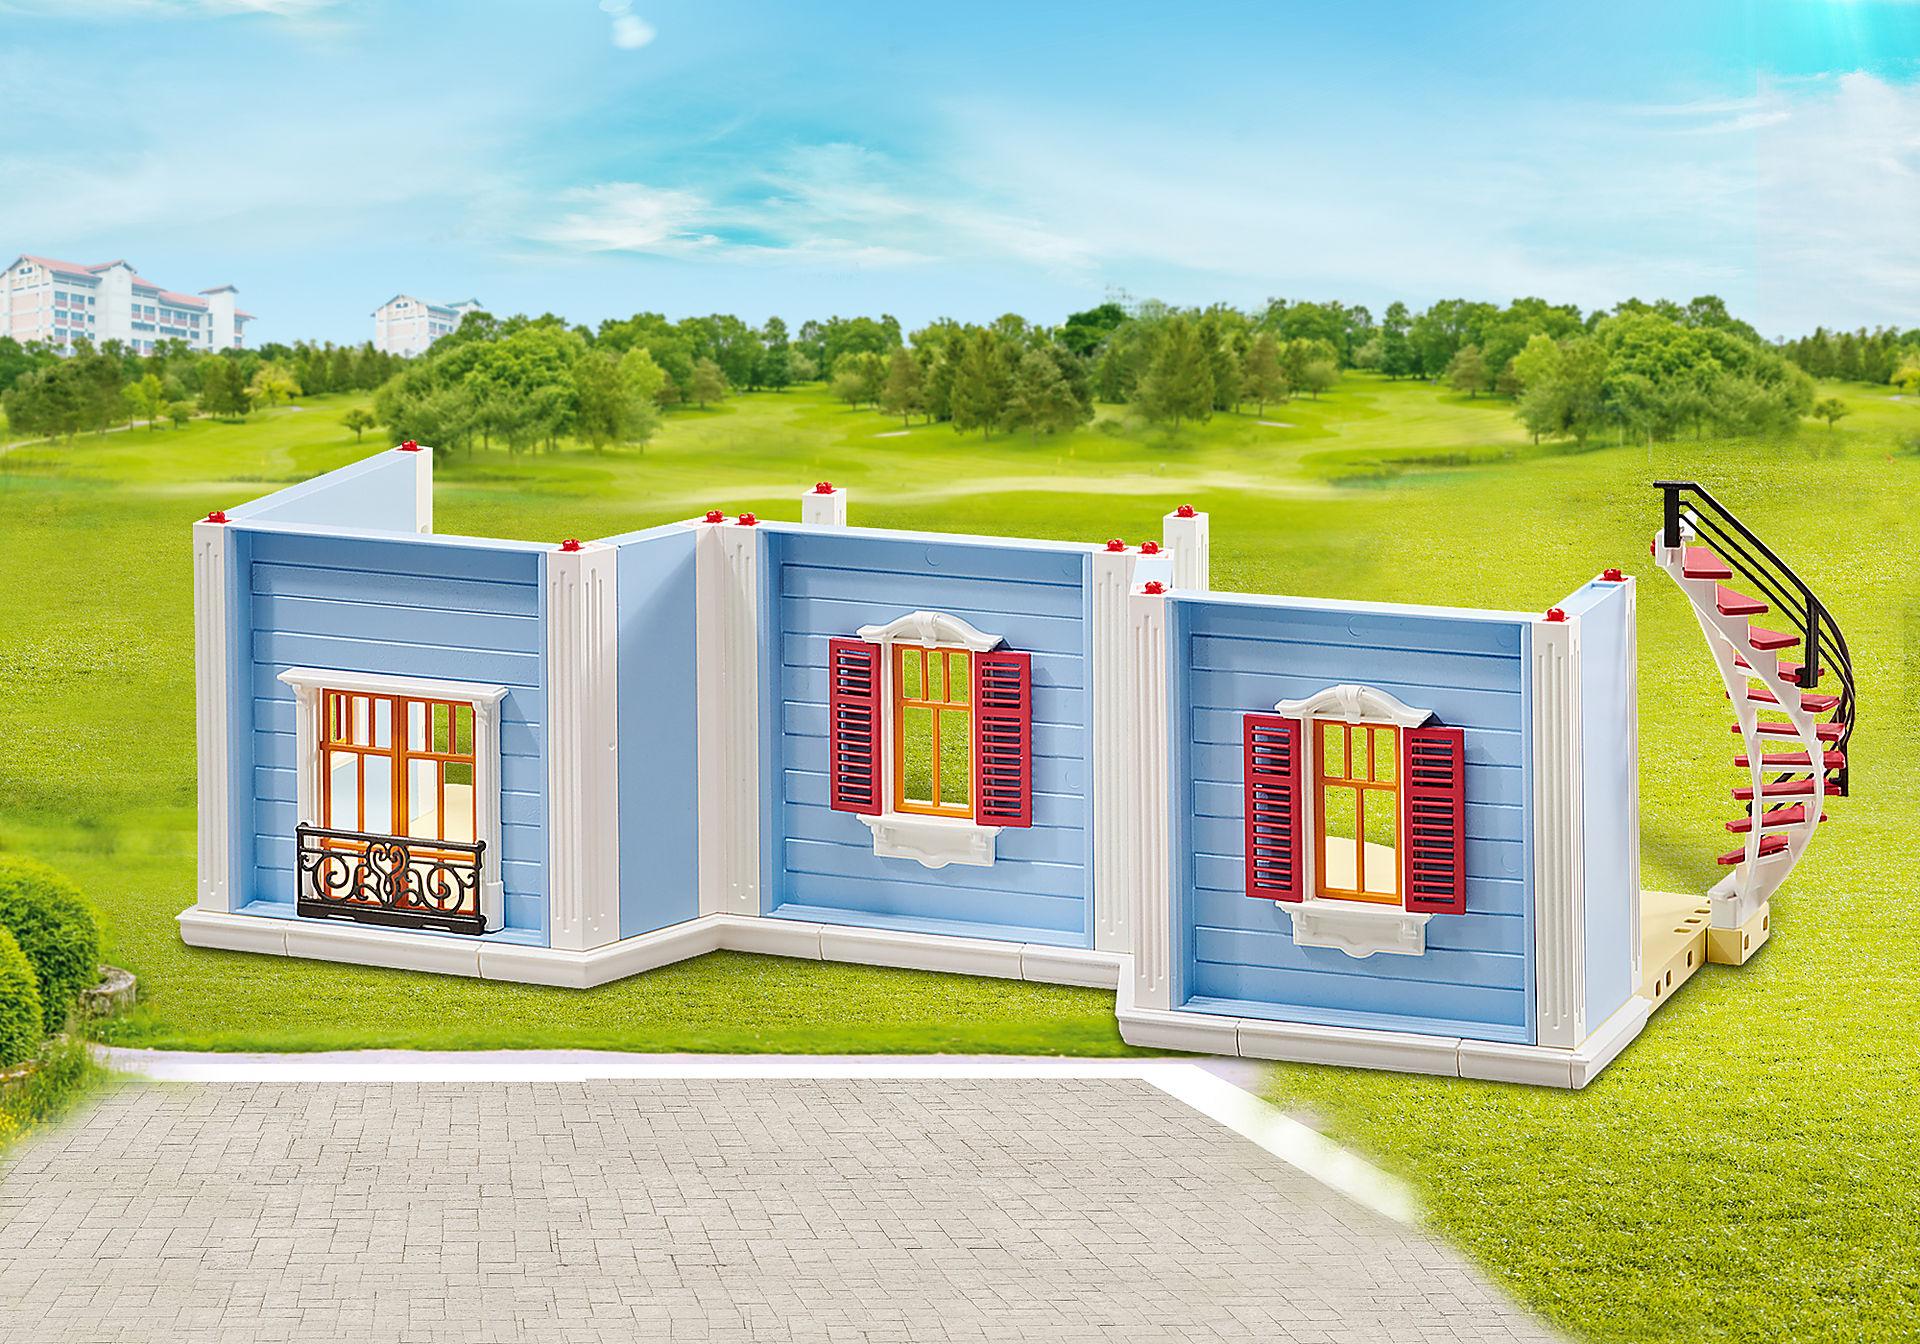 http://media.playmobil.com/i/playmobil/9849_product_detail/Etage supplémentaire pour Grande maison traditionnelle